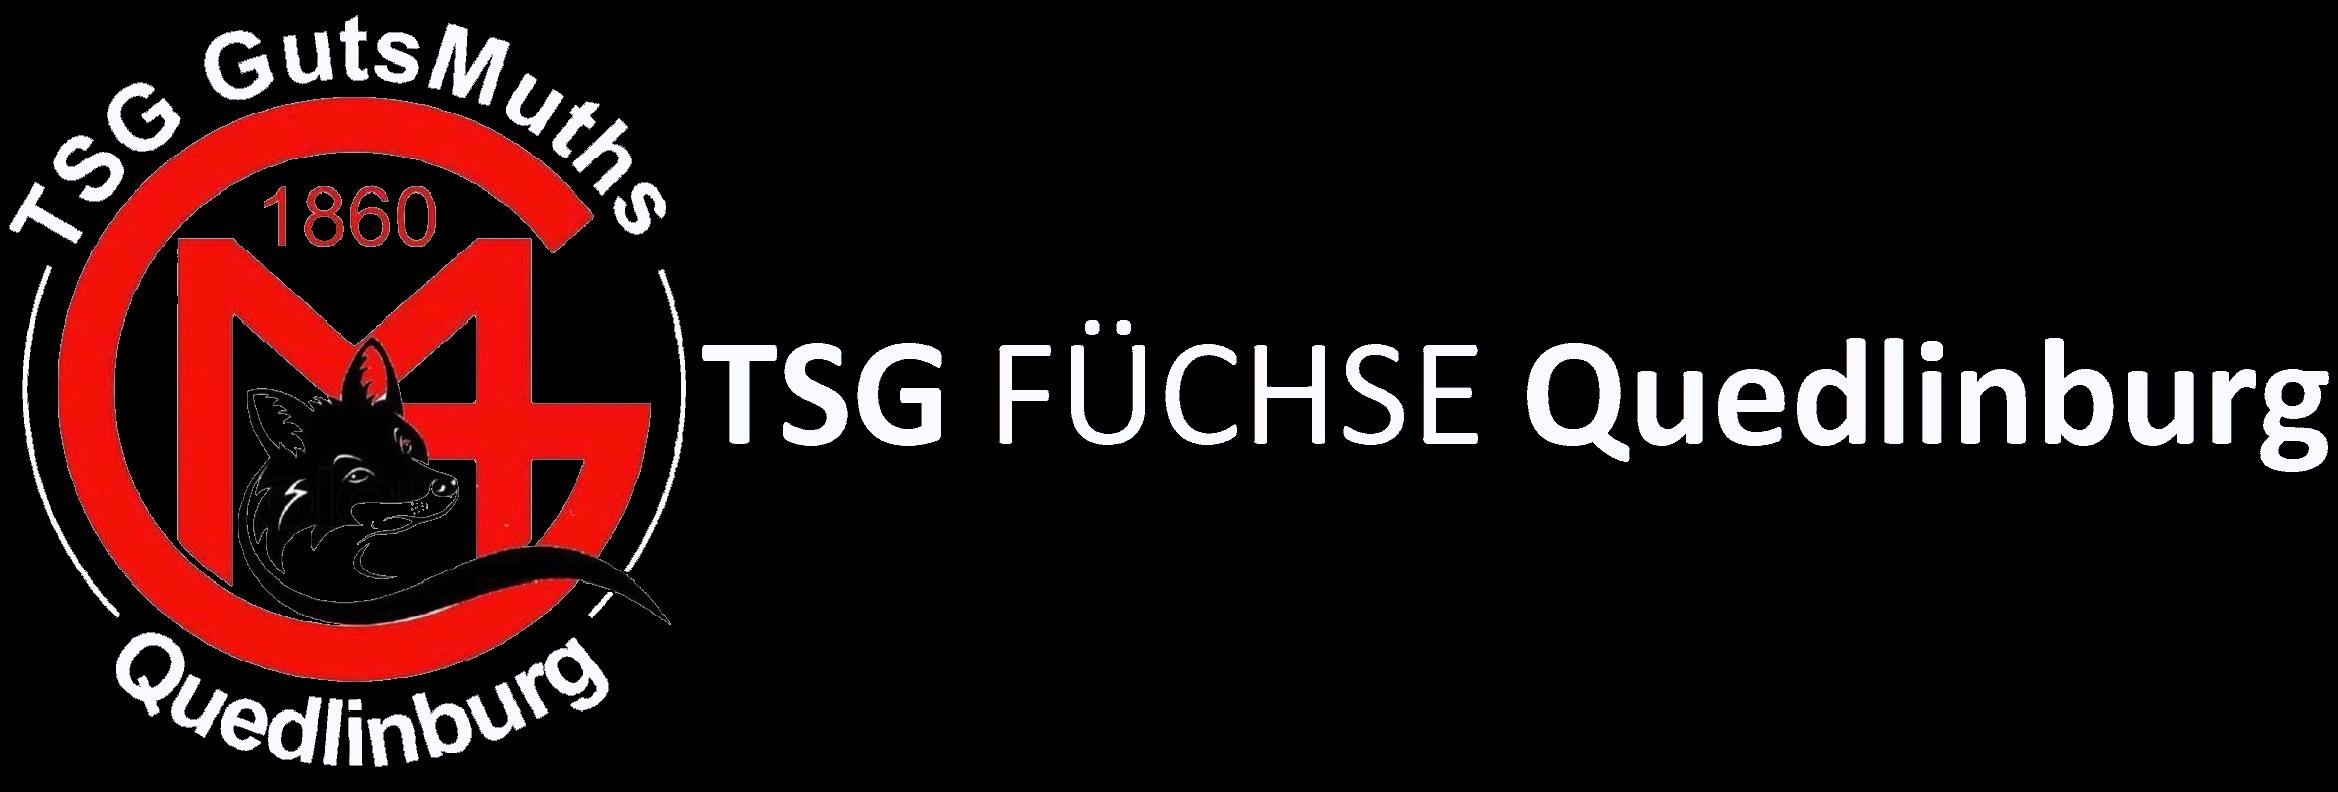 TSG Füchse Quedlinburg